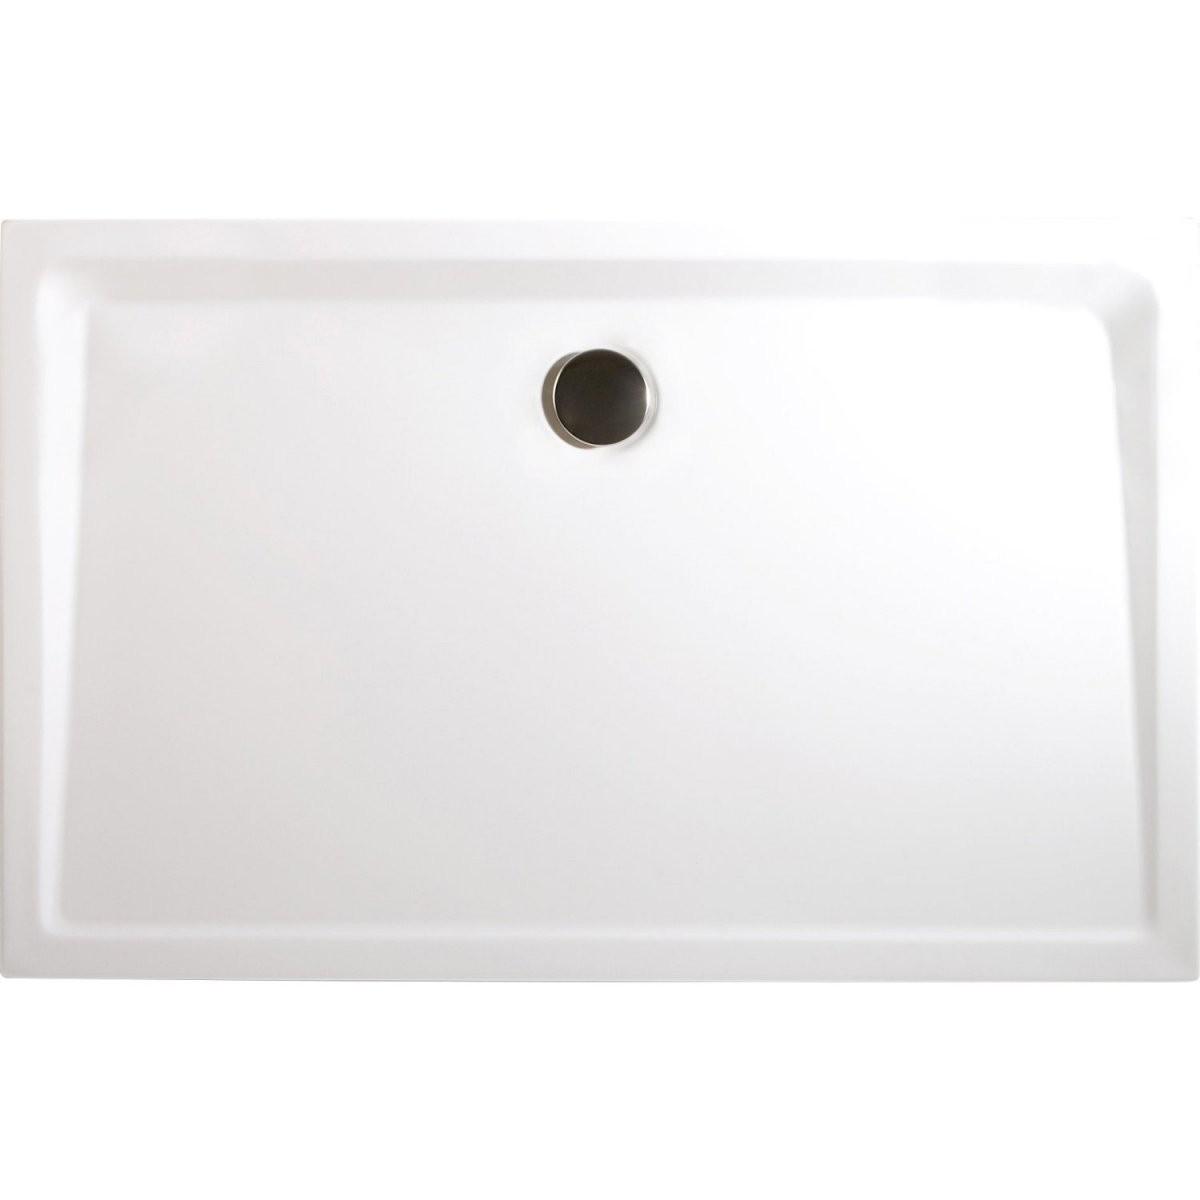 Duschwanne Online Kaufen Bei Obi von Duschwanne 80 X 100 Stahl Bild